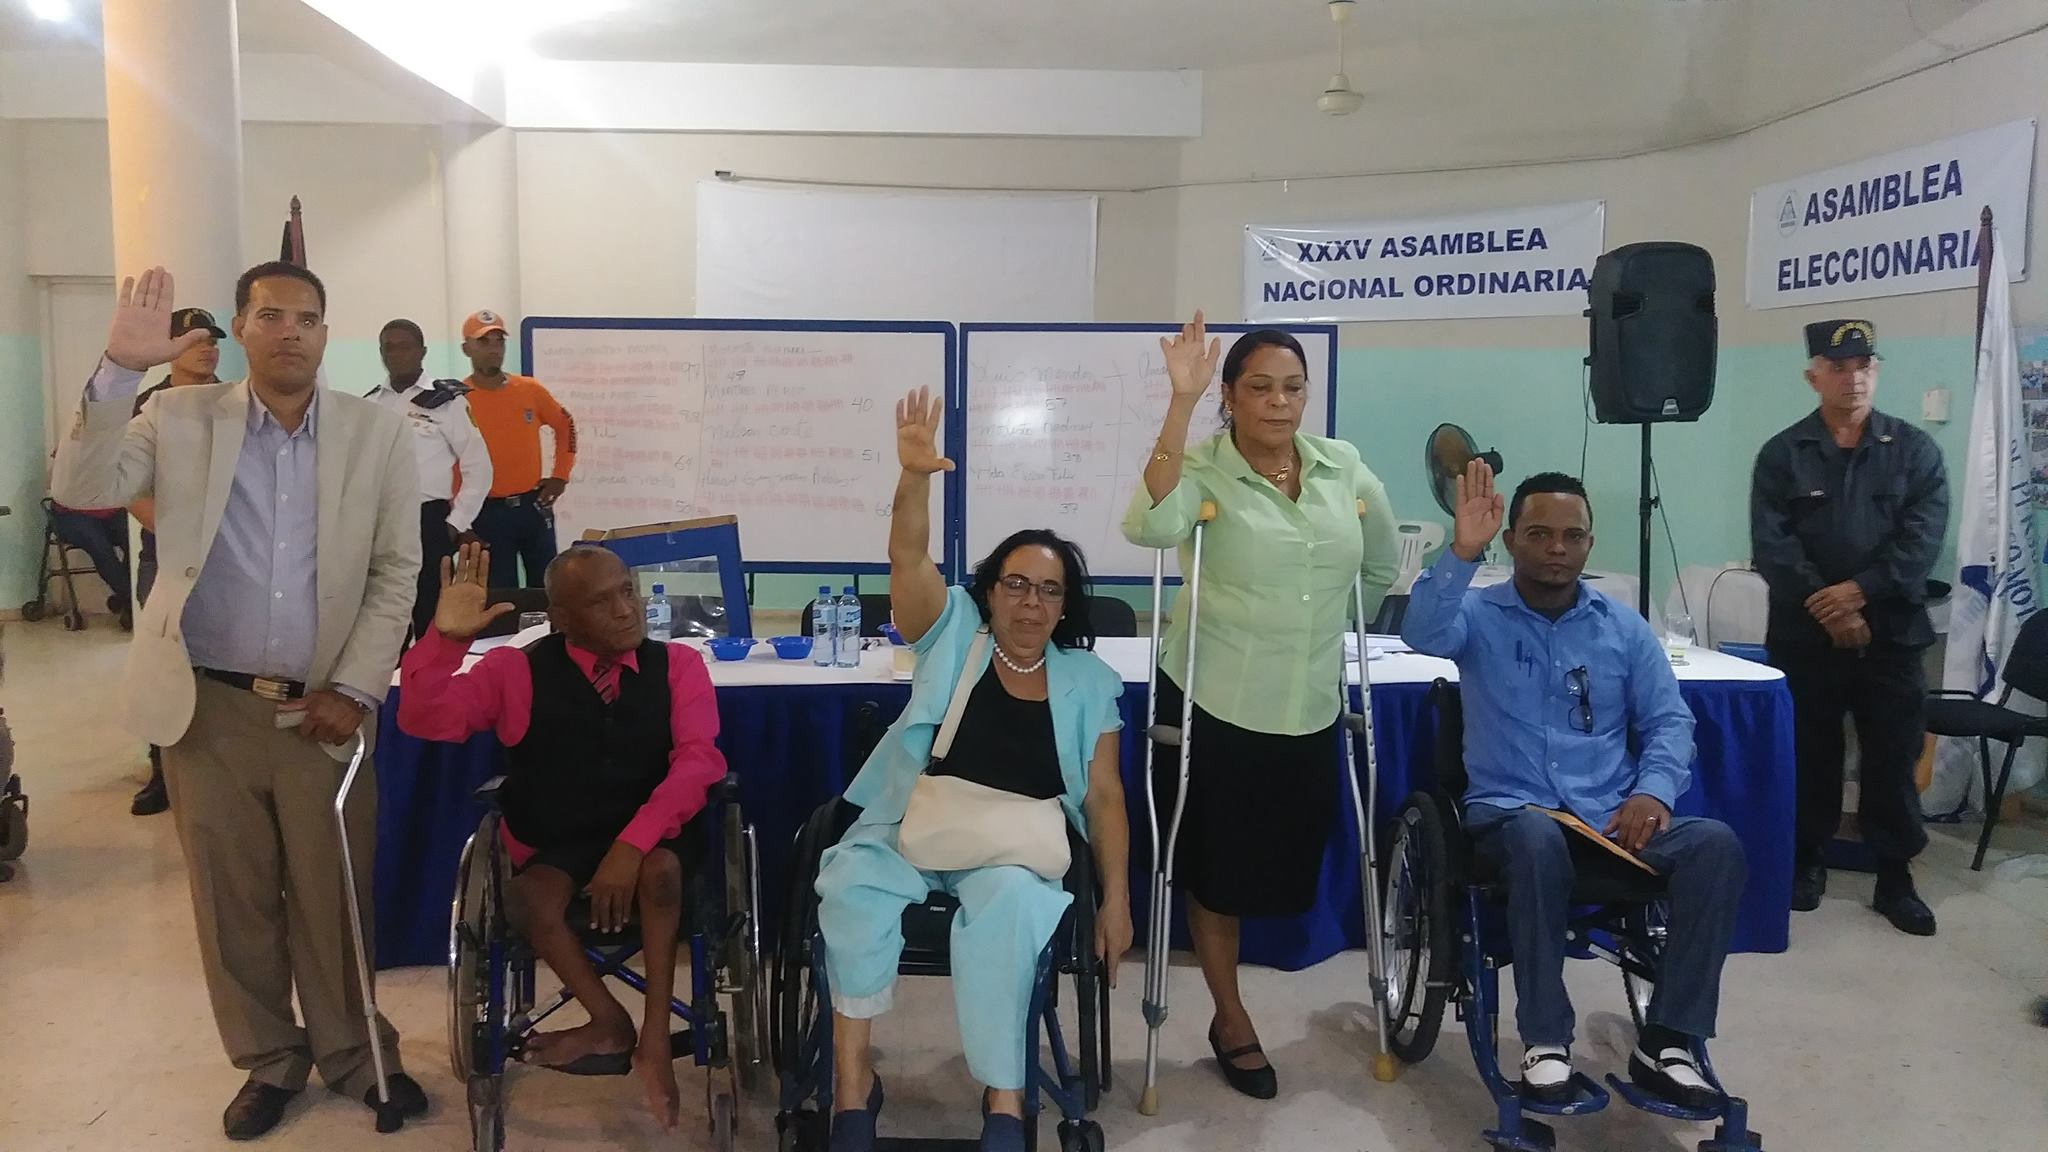 Asamblea Eleccionaria para el período 2018-2021.